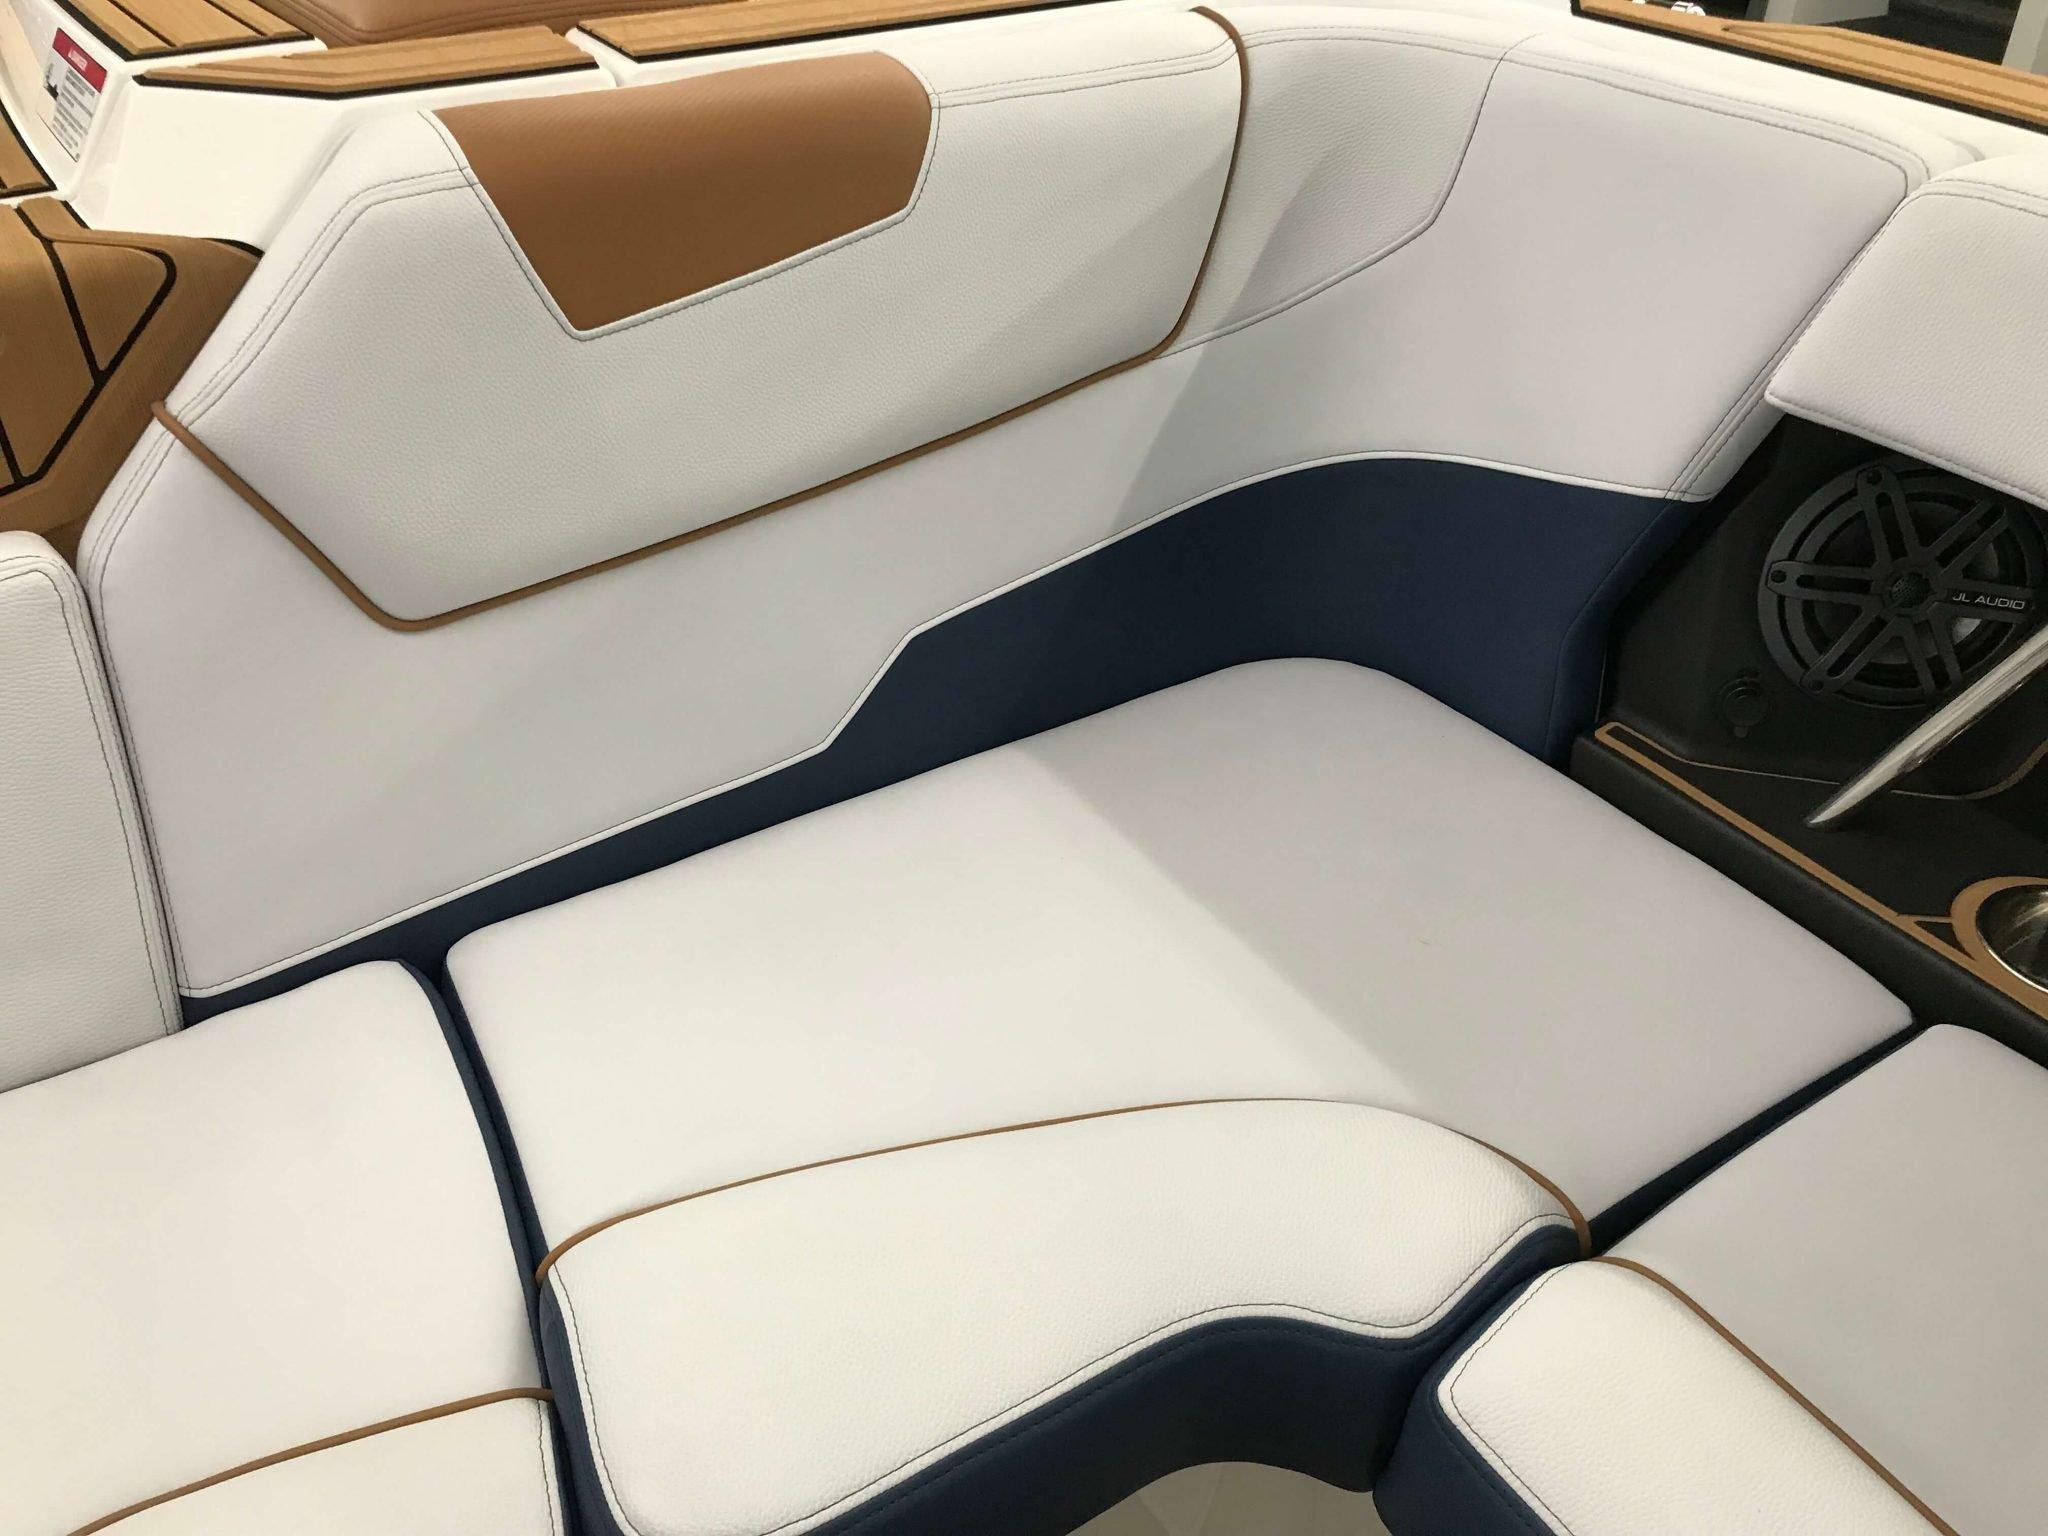 2019 Nautique GS22 Cockpit Seating 8